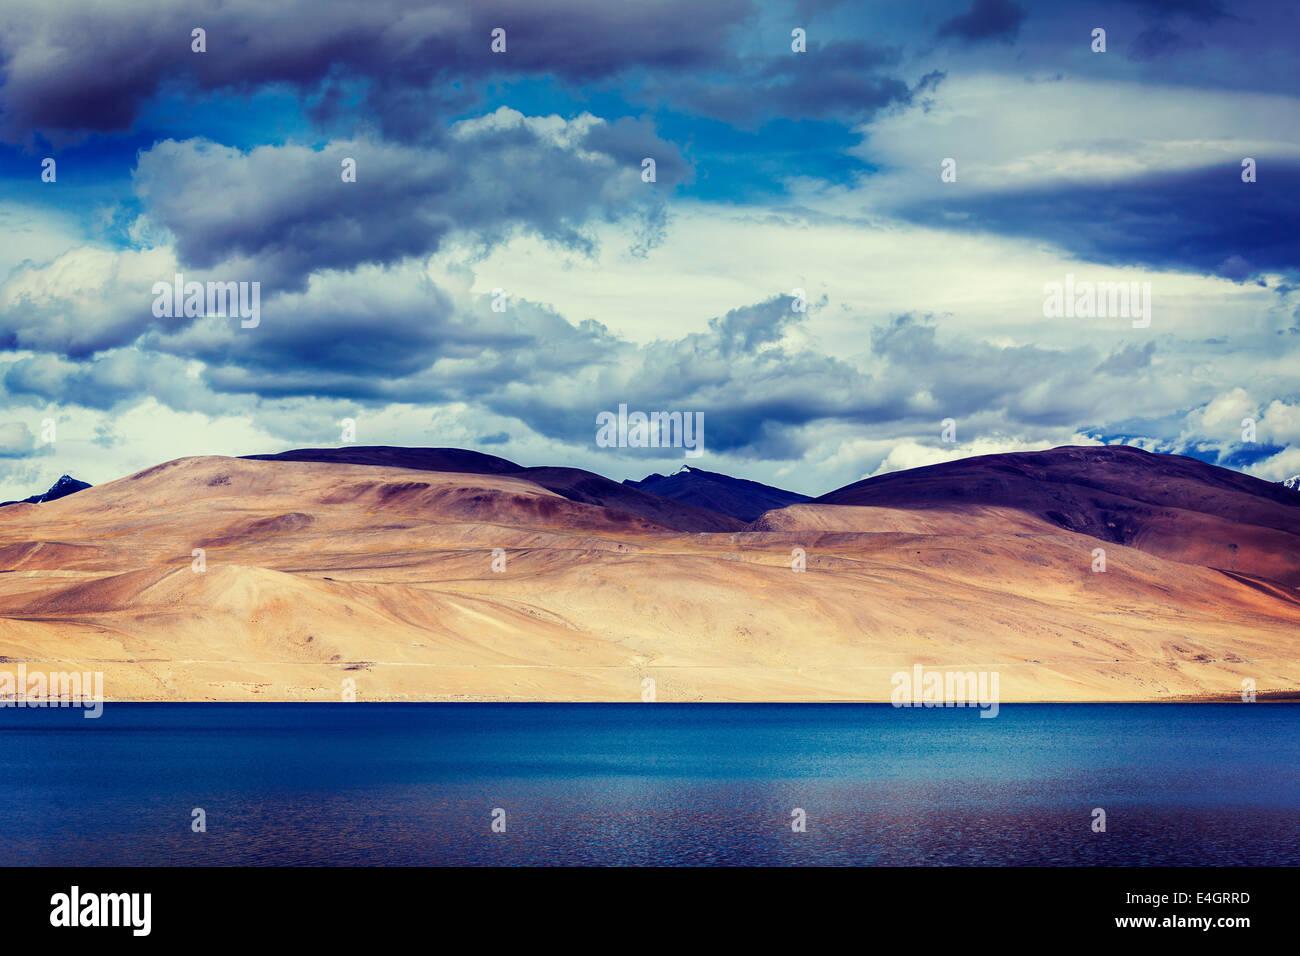 Vintage retro efecto desplazamiento estilo HIPSTER filtrada imagen del lago de montaña del Himalaya Himalaya Imagen De Stock